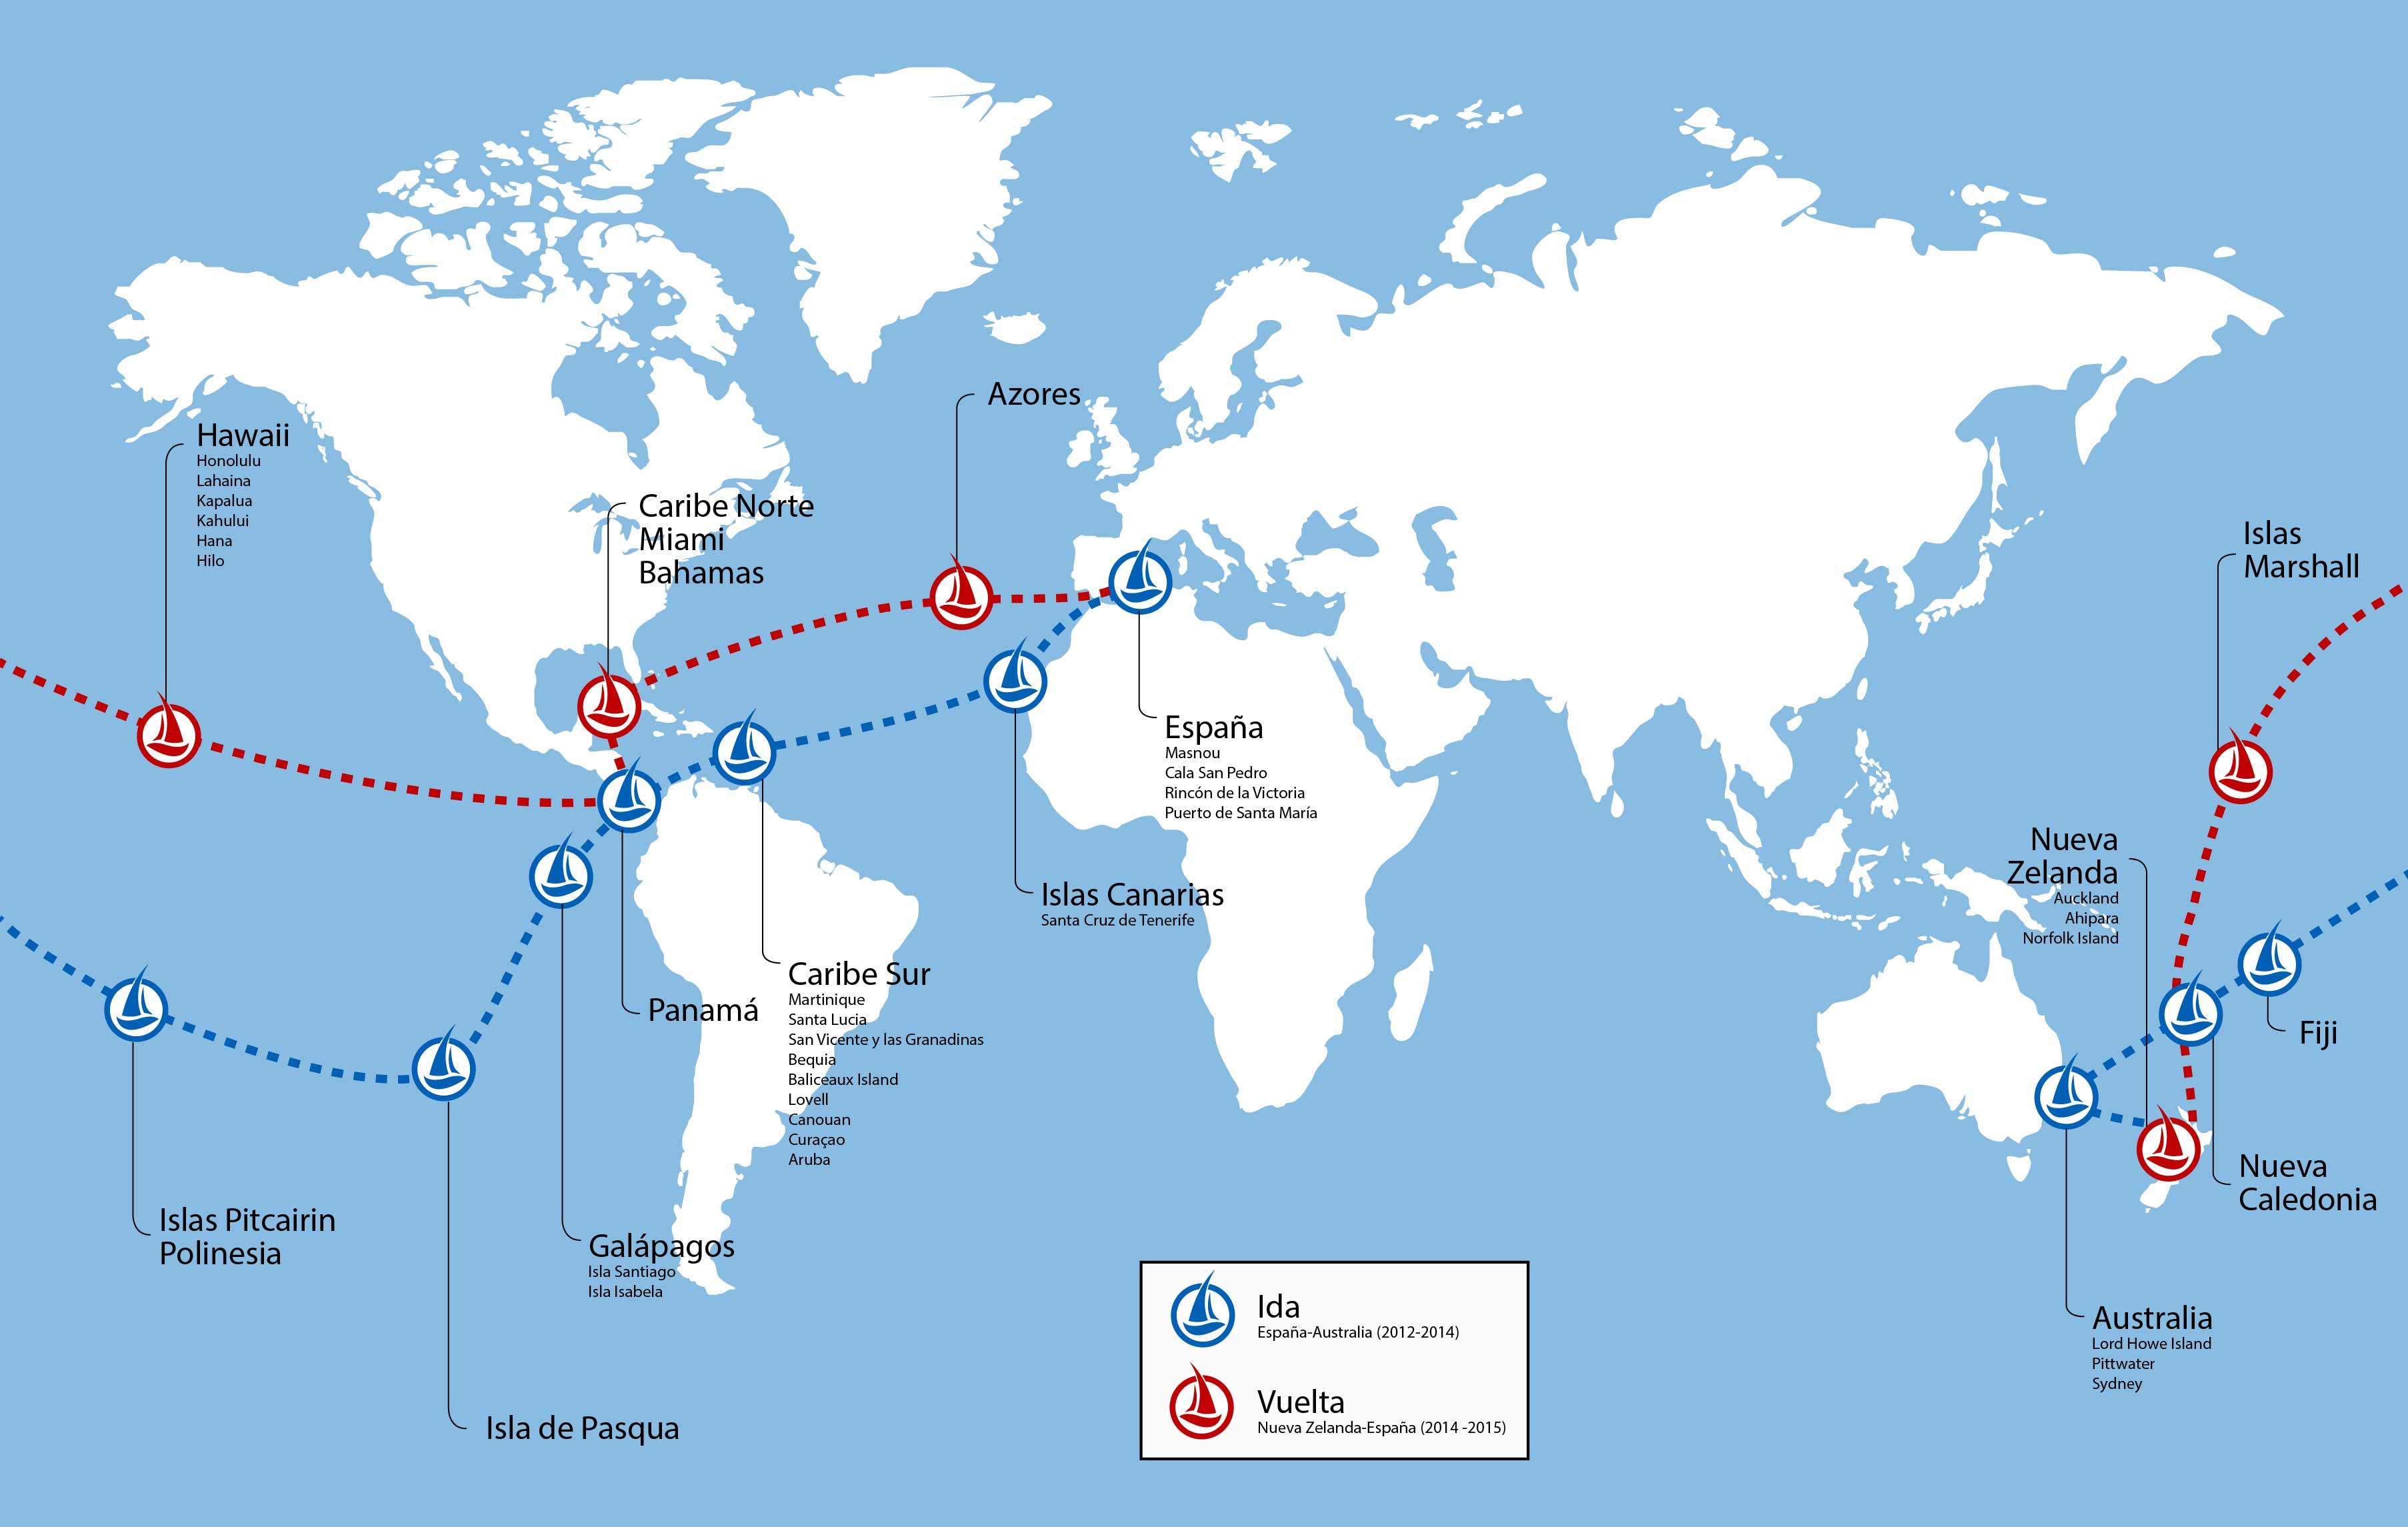 Geografía de España: enero 2013